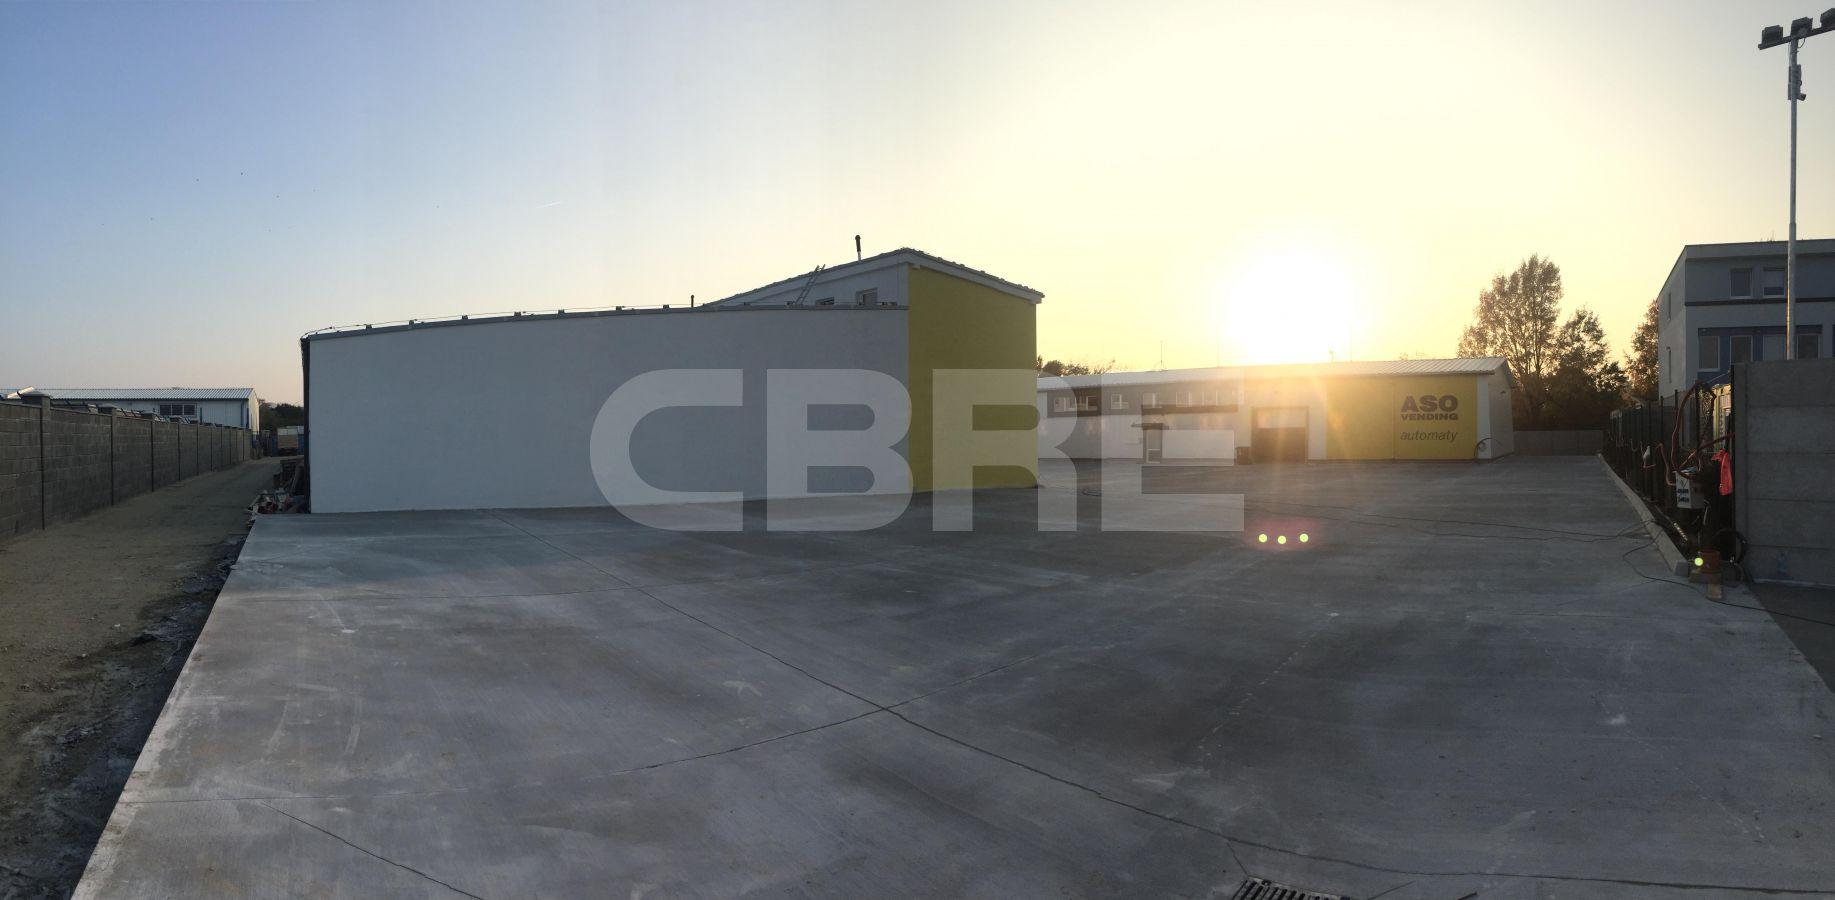 Bojnícka, Bratislava III - 1000 m2, Bratislavský kraj, Bratislava | Prenájom a predaj skladov a výrobných hál od CBRE | 4